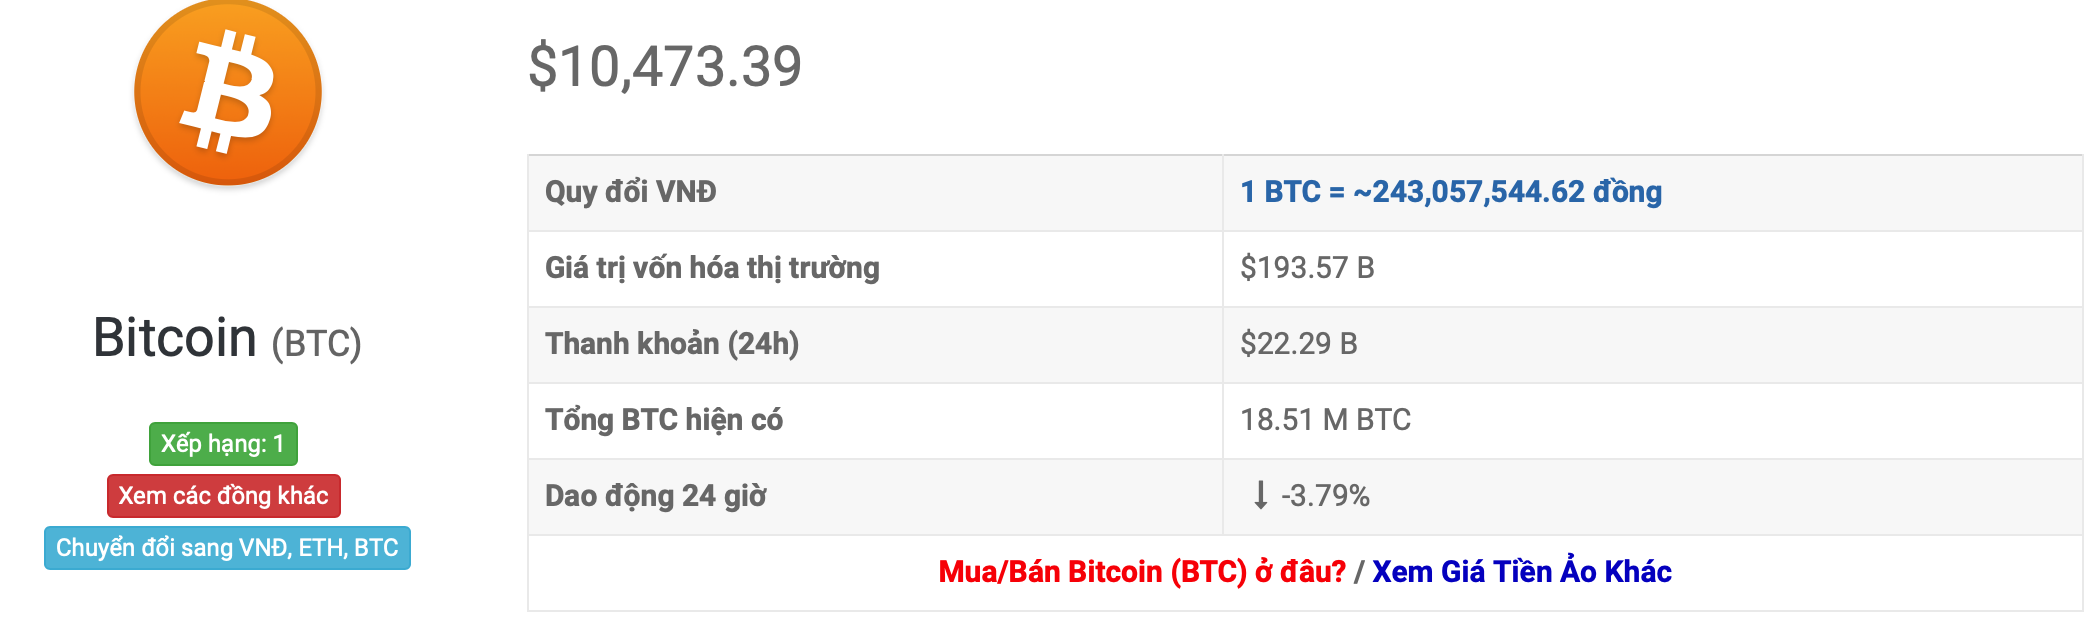 btc exchange rate